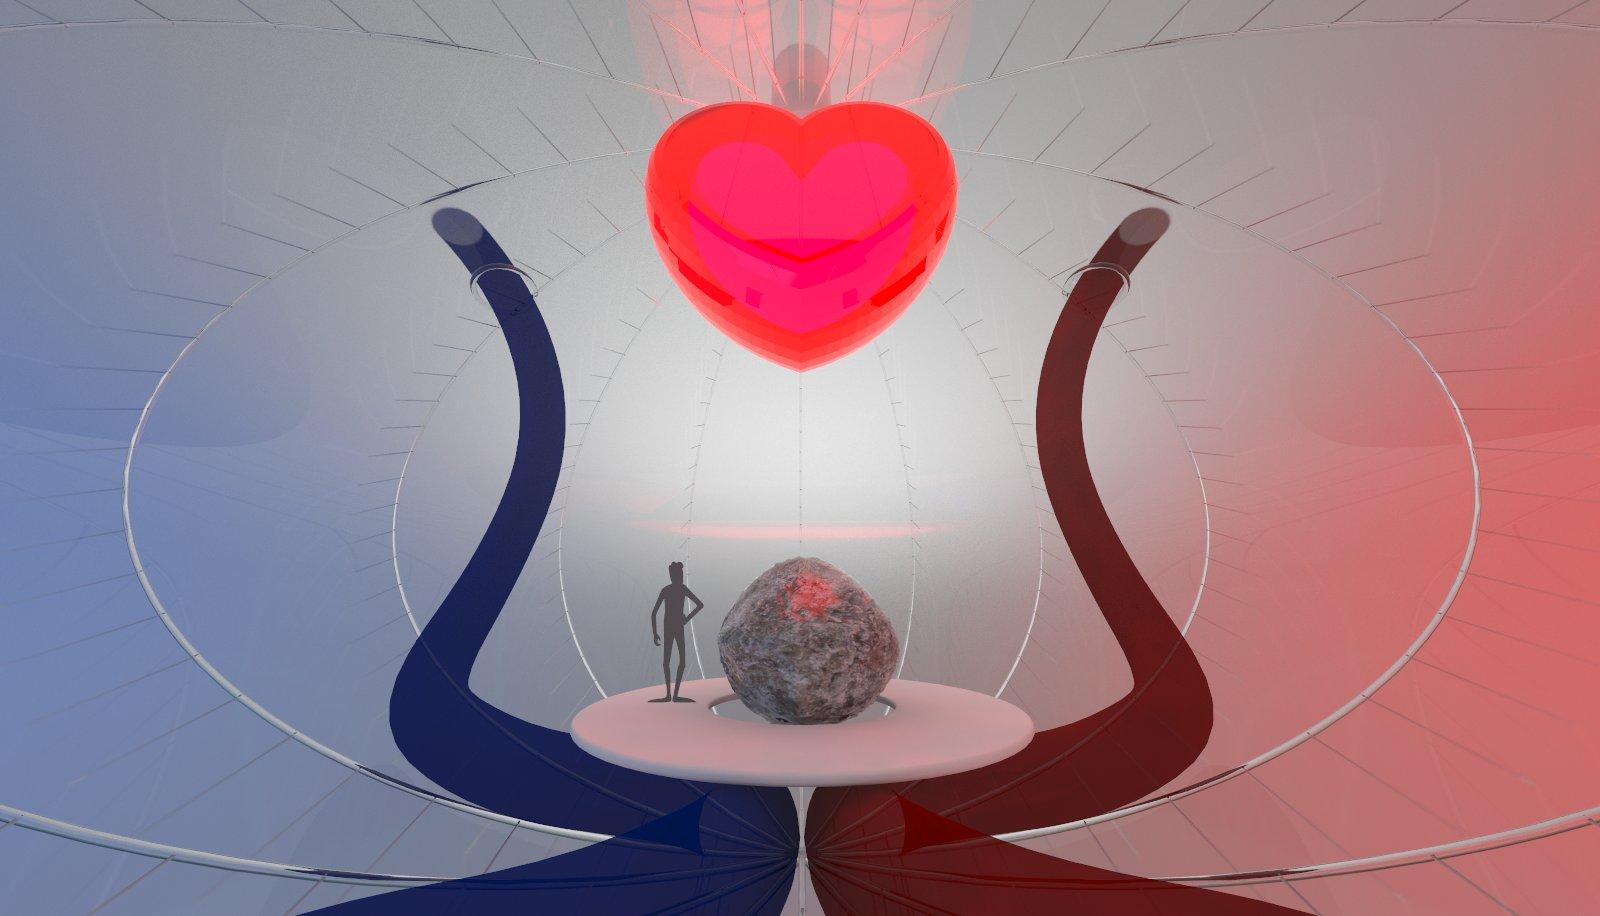 PKO BP – Przejrzysta karta kredytowa i kamień z serca '14